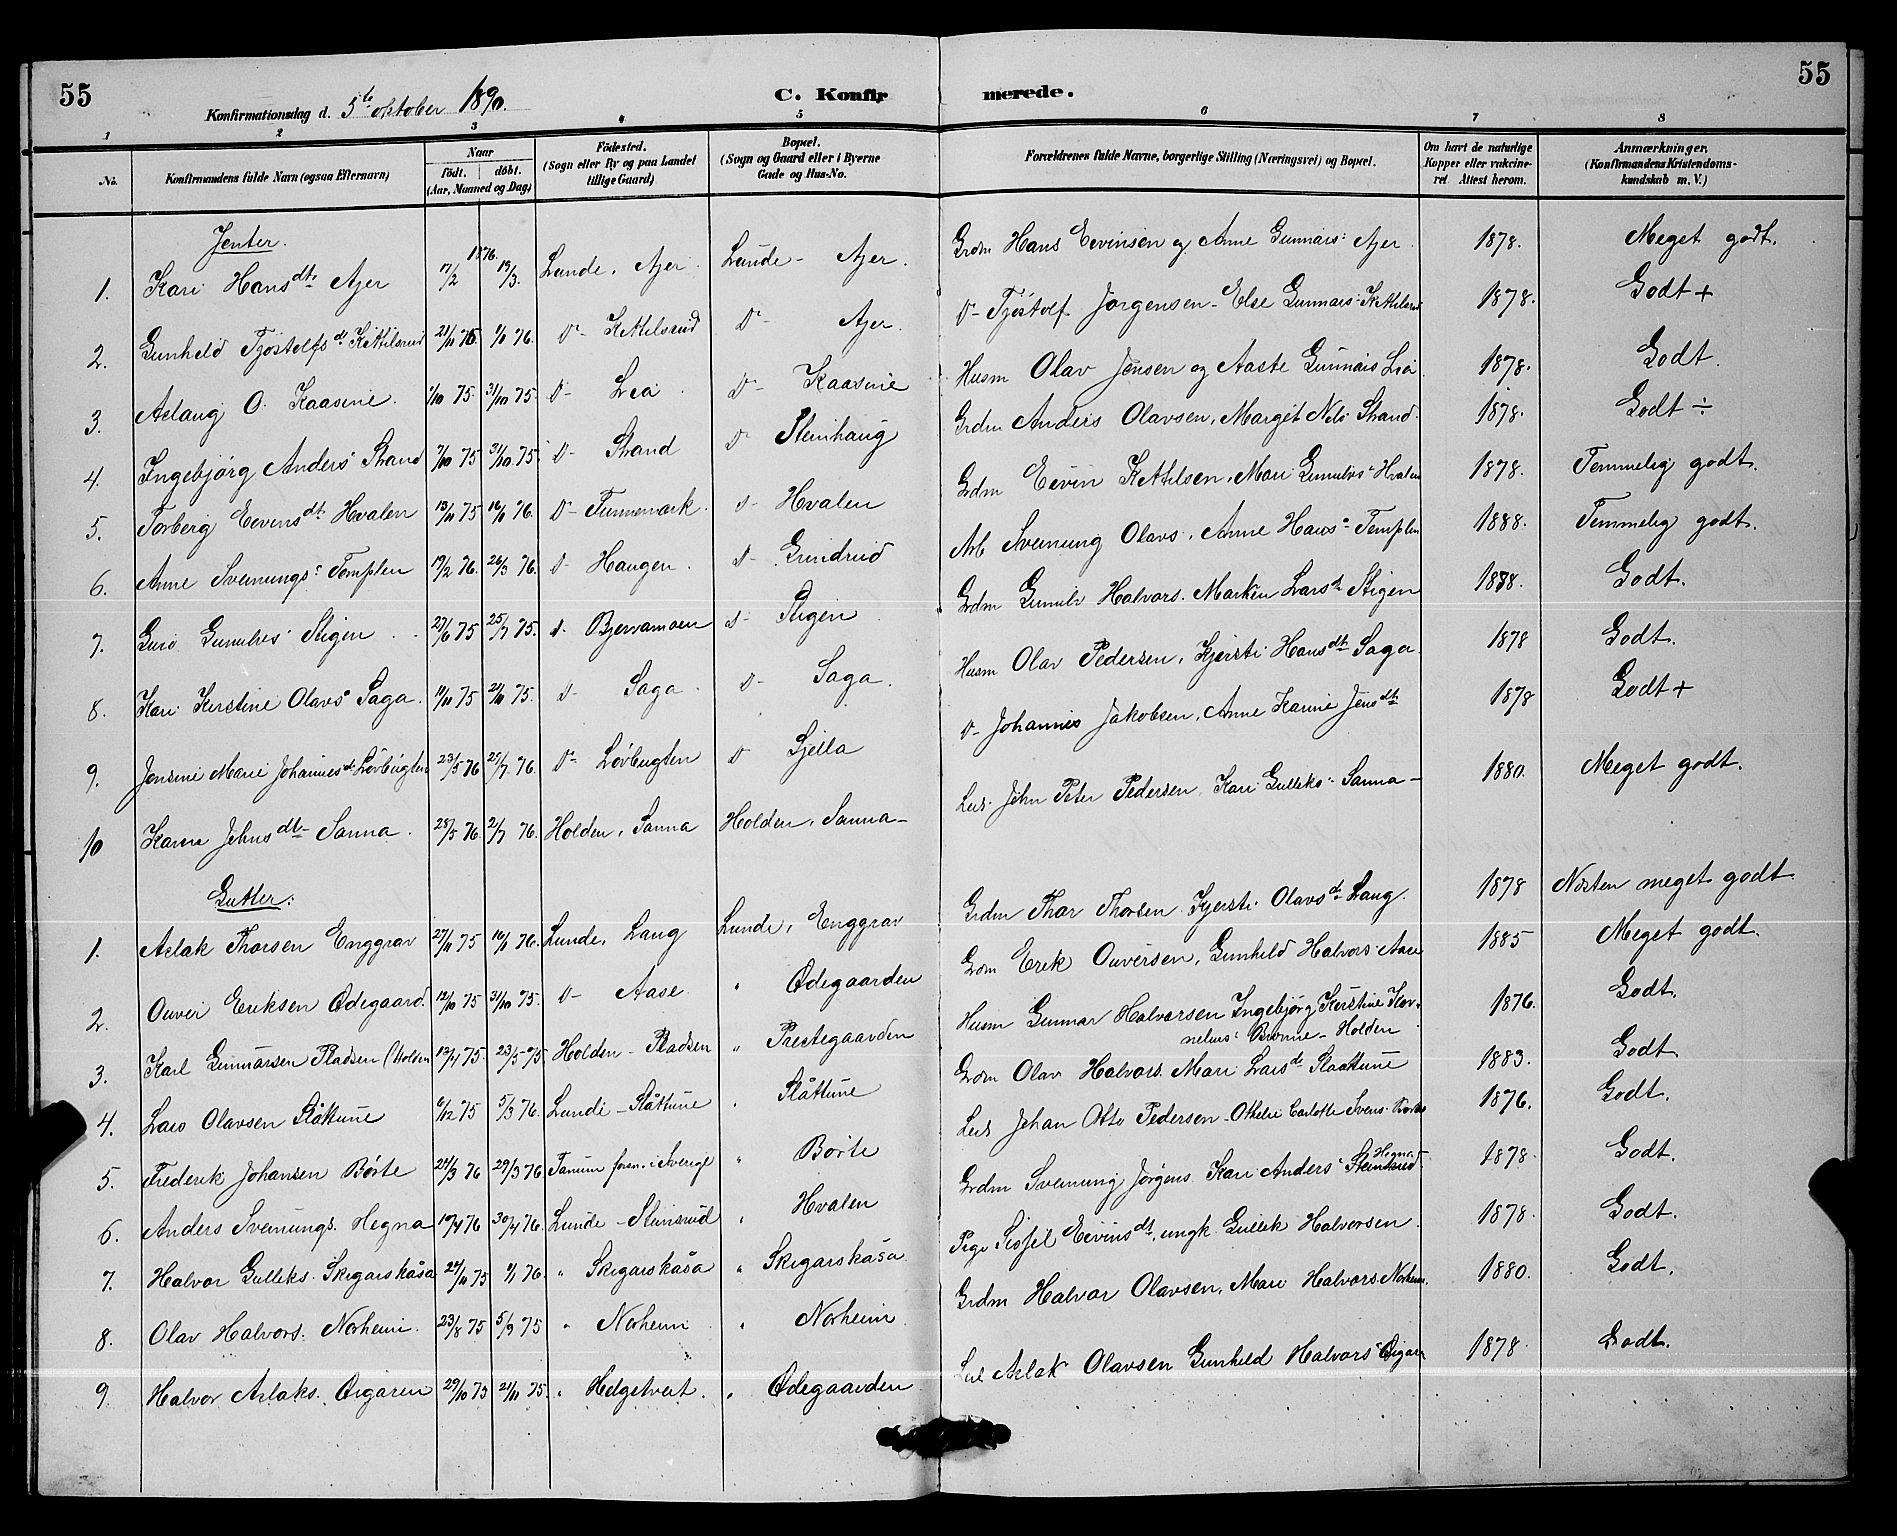 SAKO, Lunde kirkebøker, G/Ga/L0002: Klokkerbok nr. I 2, 1887-1896, s. 55